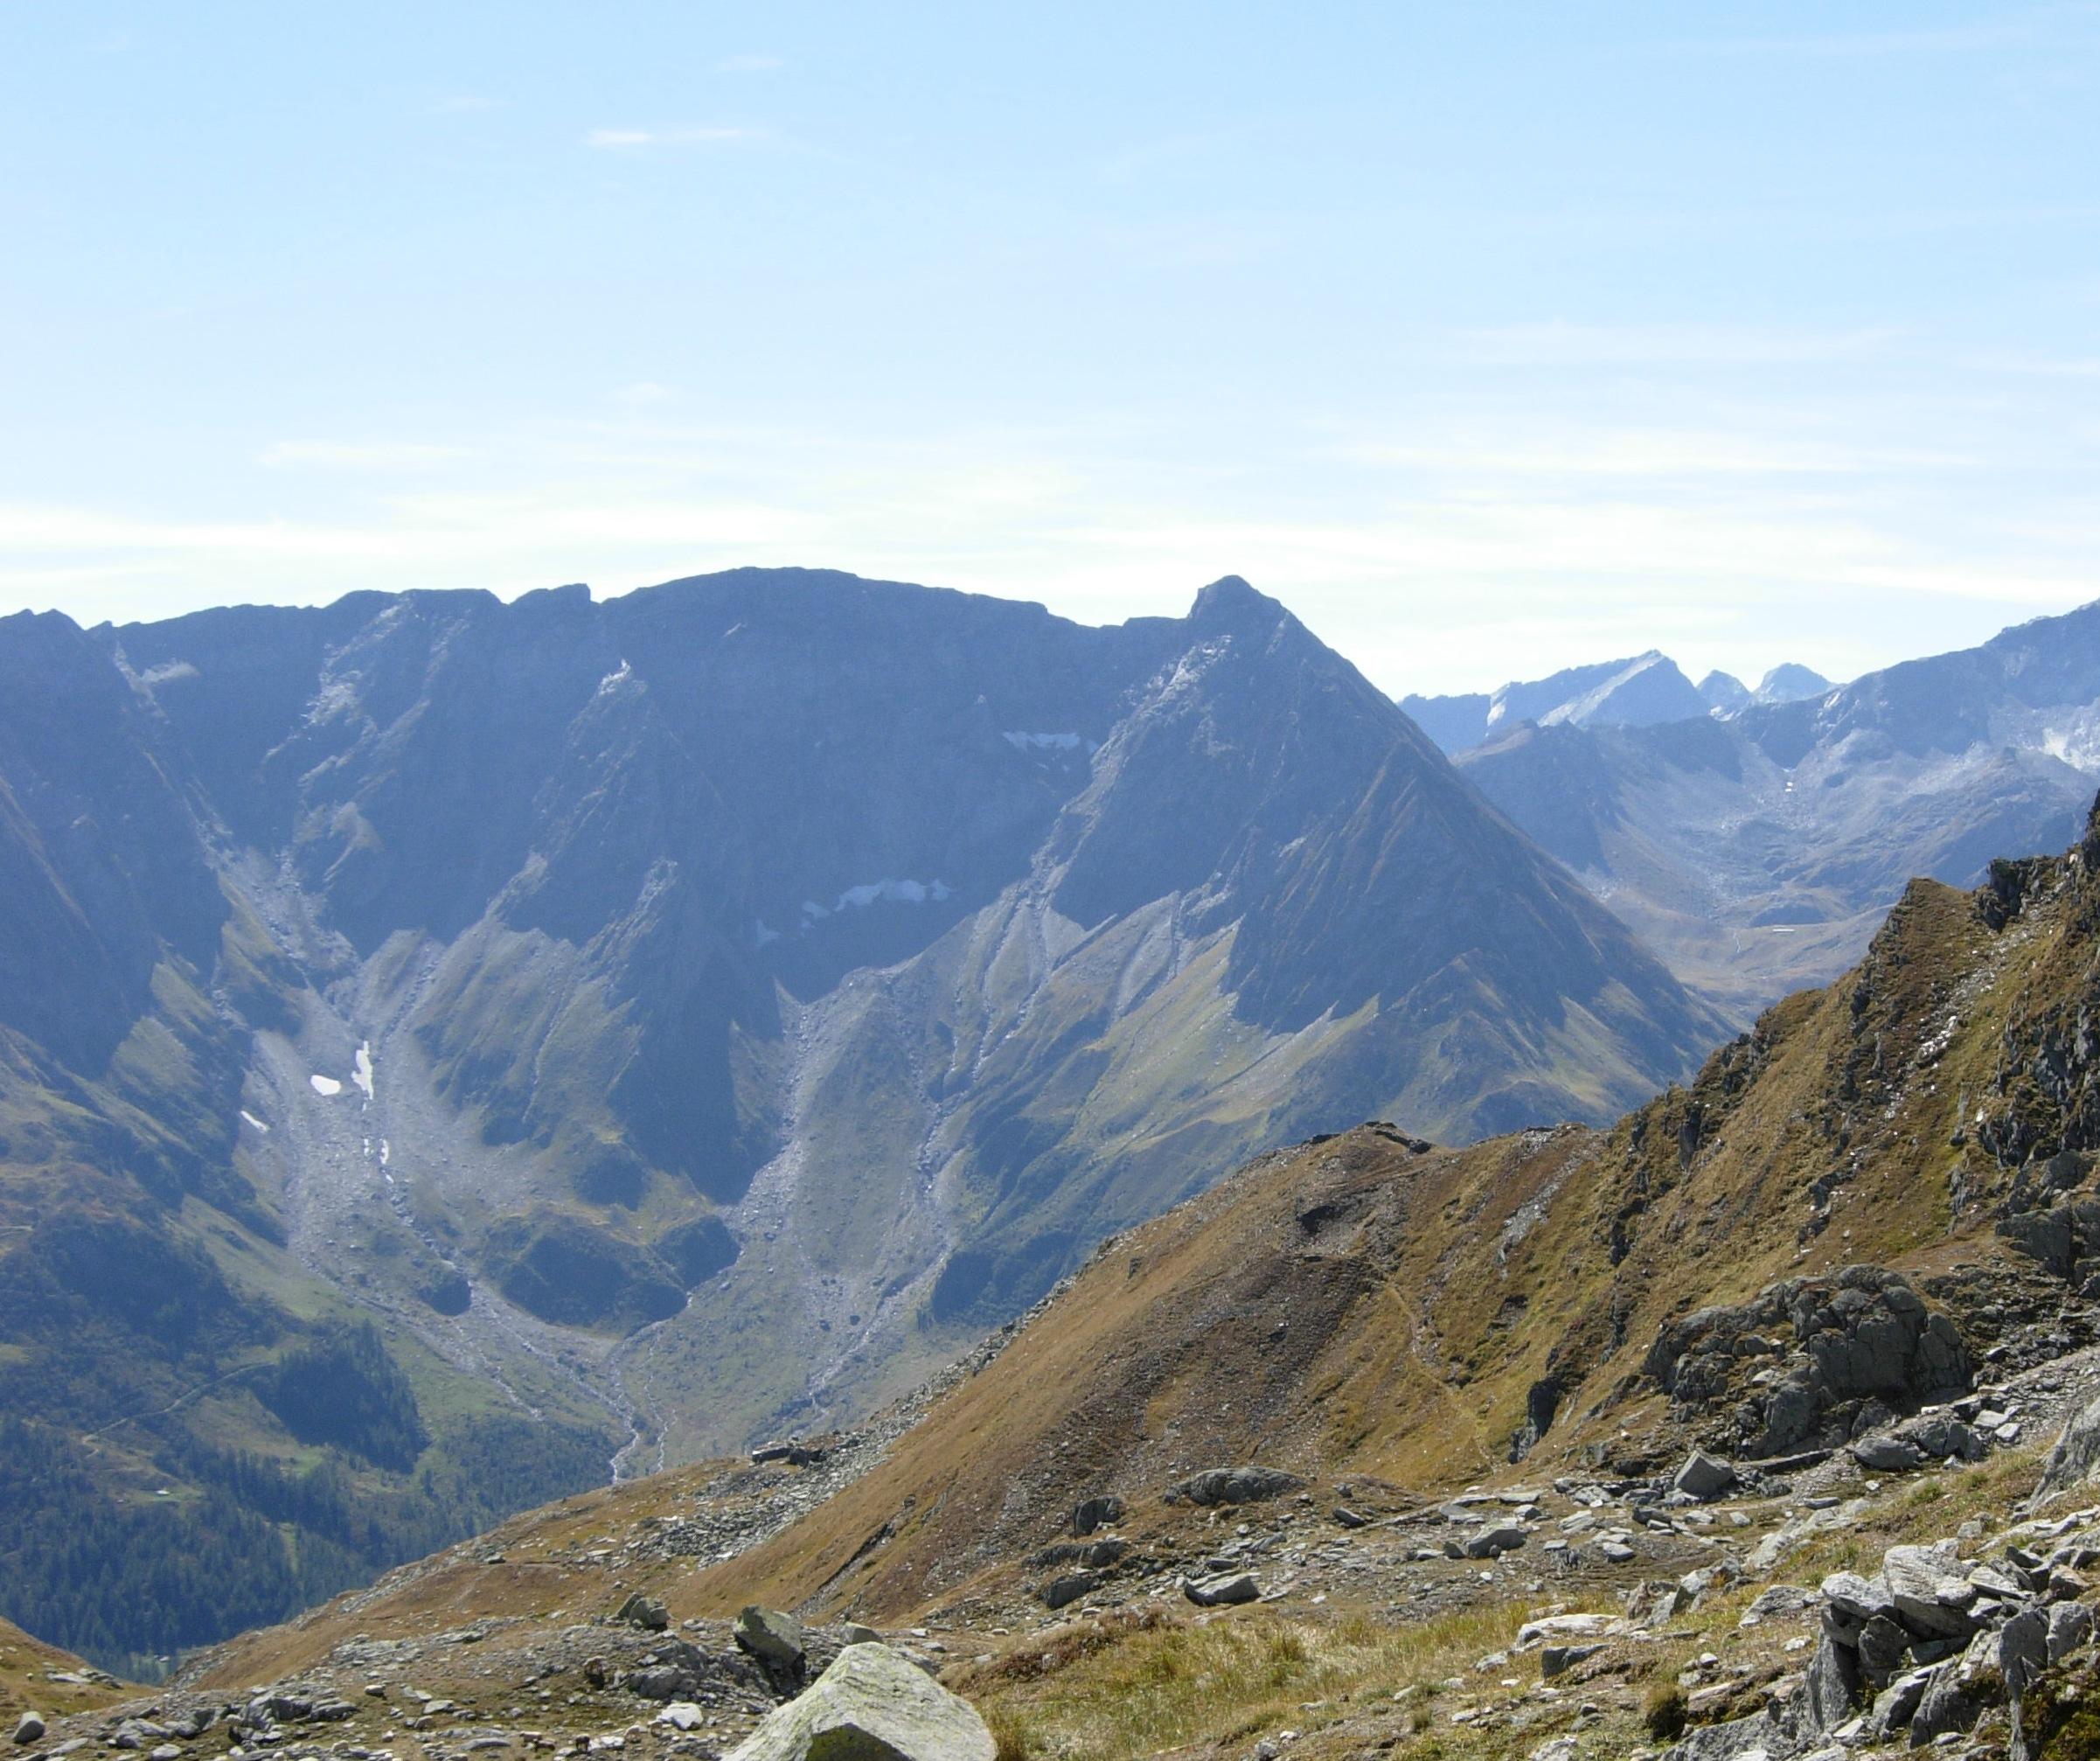 La Val Ruinò vista dalla Fibbia, al centro il Pizzo Madone